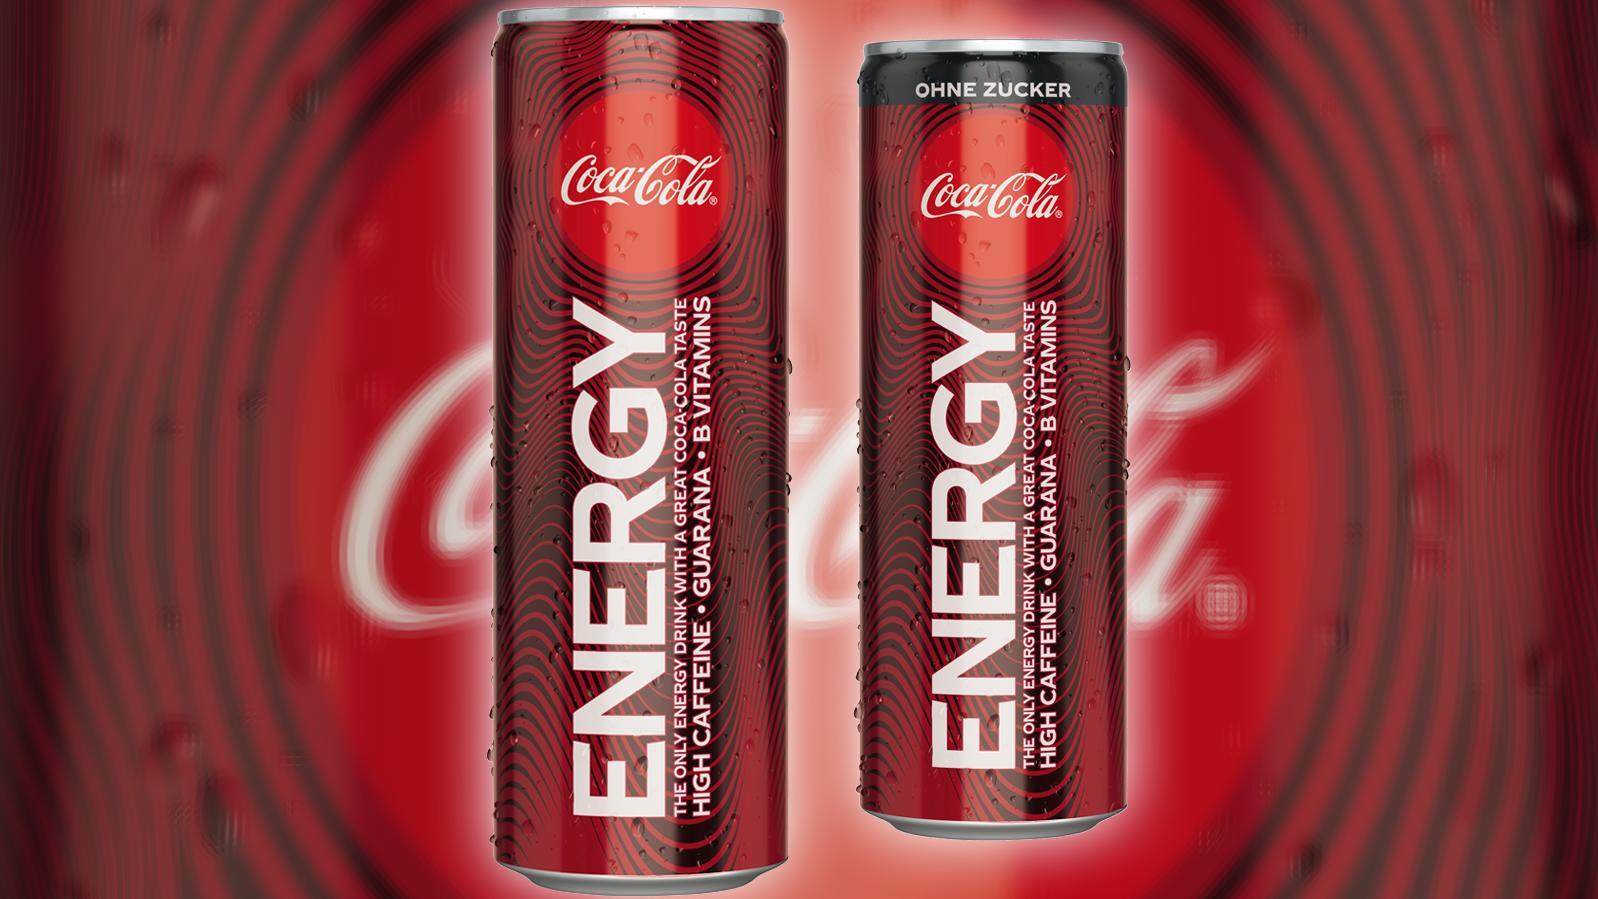 Den Energydrink von Coca-Cola gibt's in einer zuckerhaltigen und einer zuckerfreien Variante.